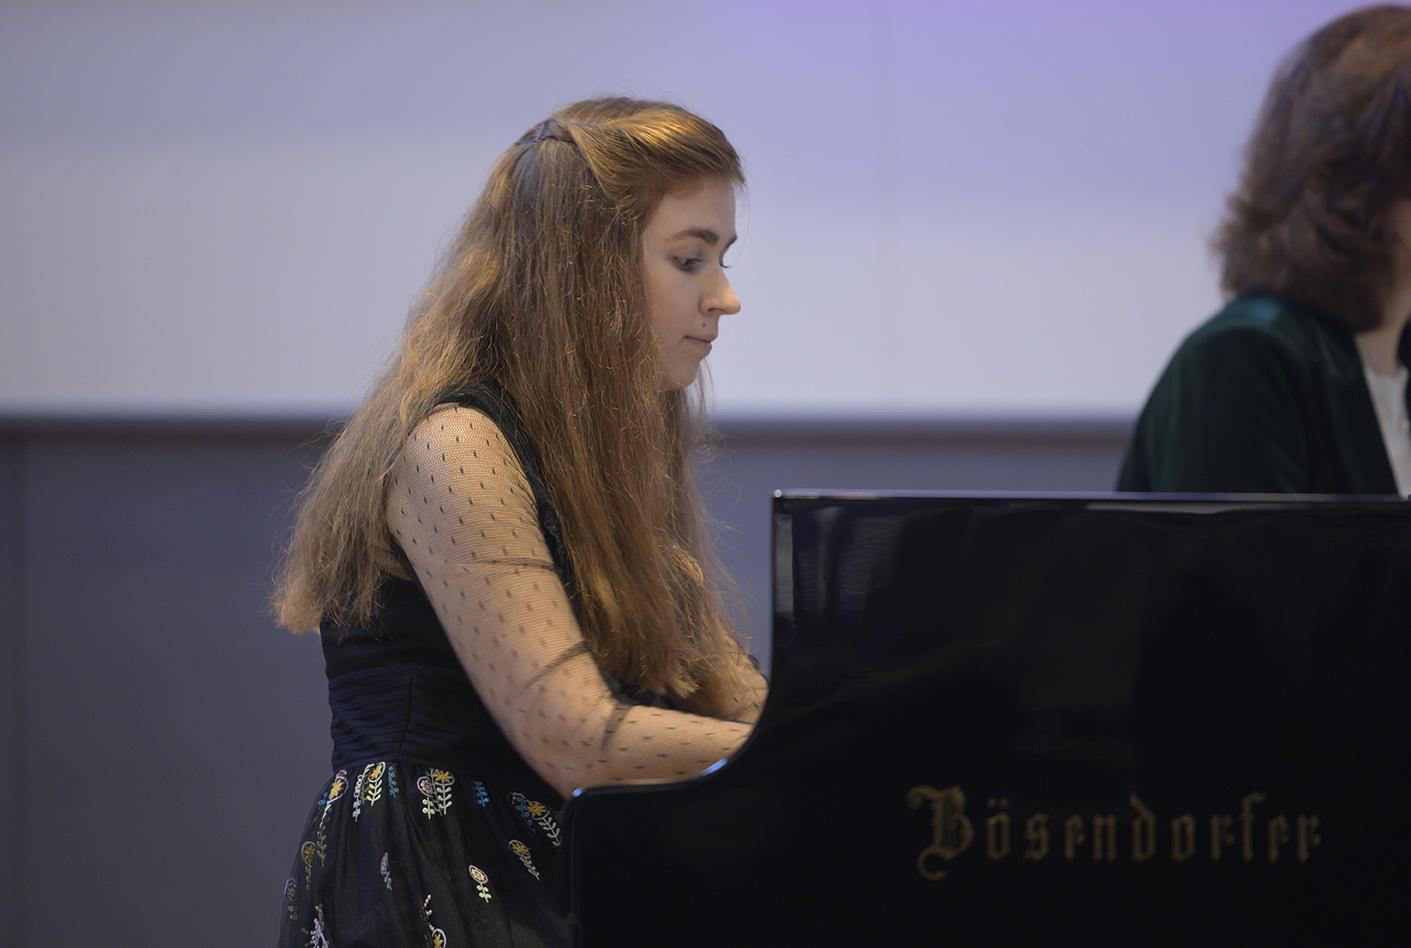 Anna Pismak, Finalistin Rahn Musikpreis 2020 für Klavier